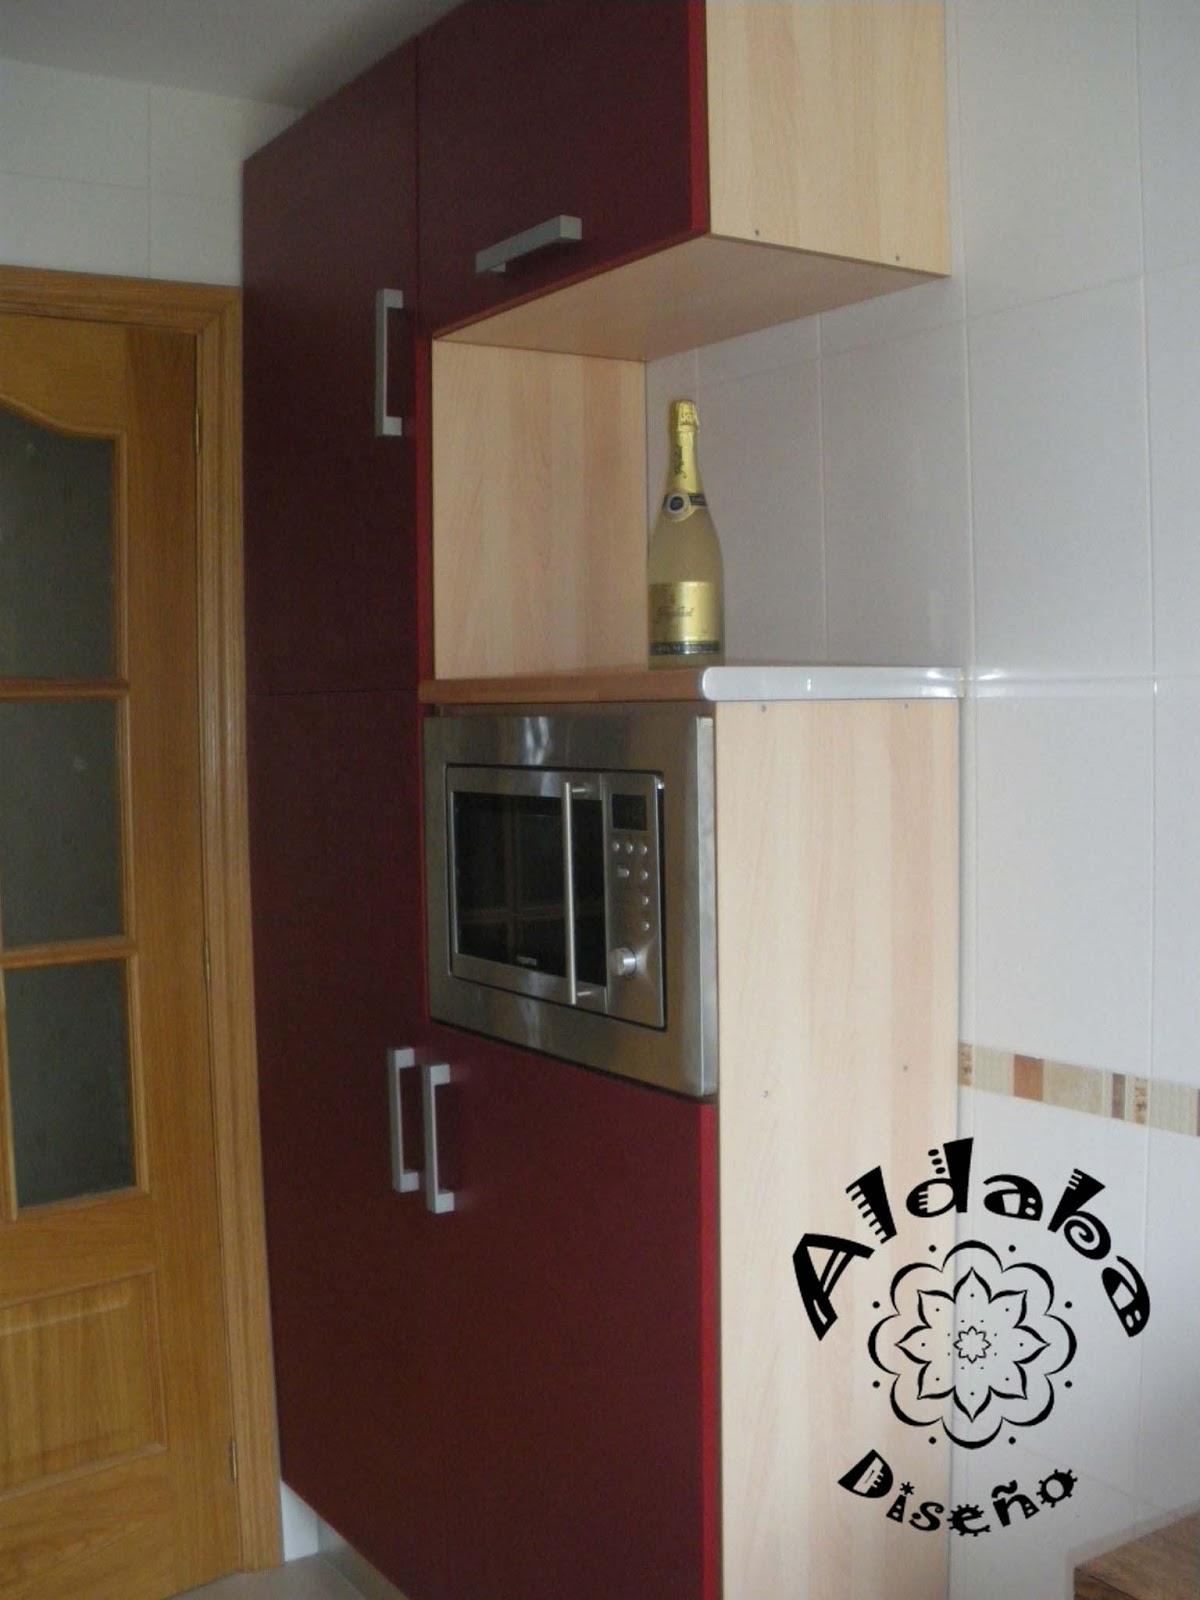 Aldaba proyectos cocina amueblamiento y equipamiento de for Amueblamiento de cocinas